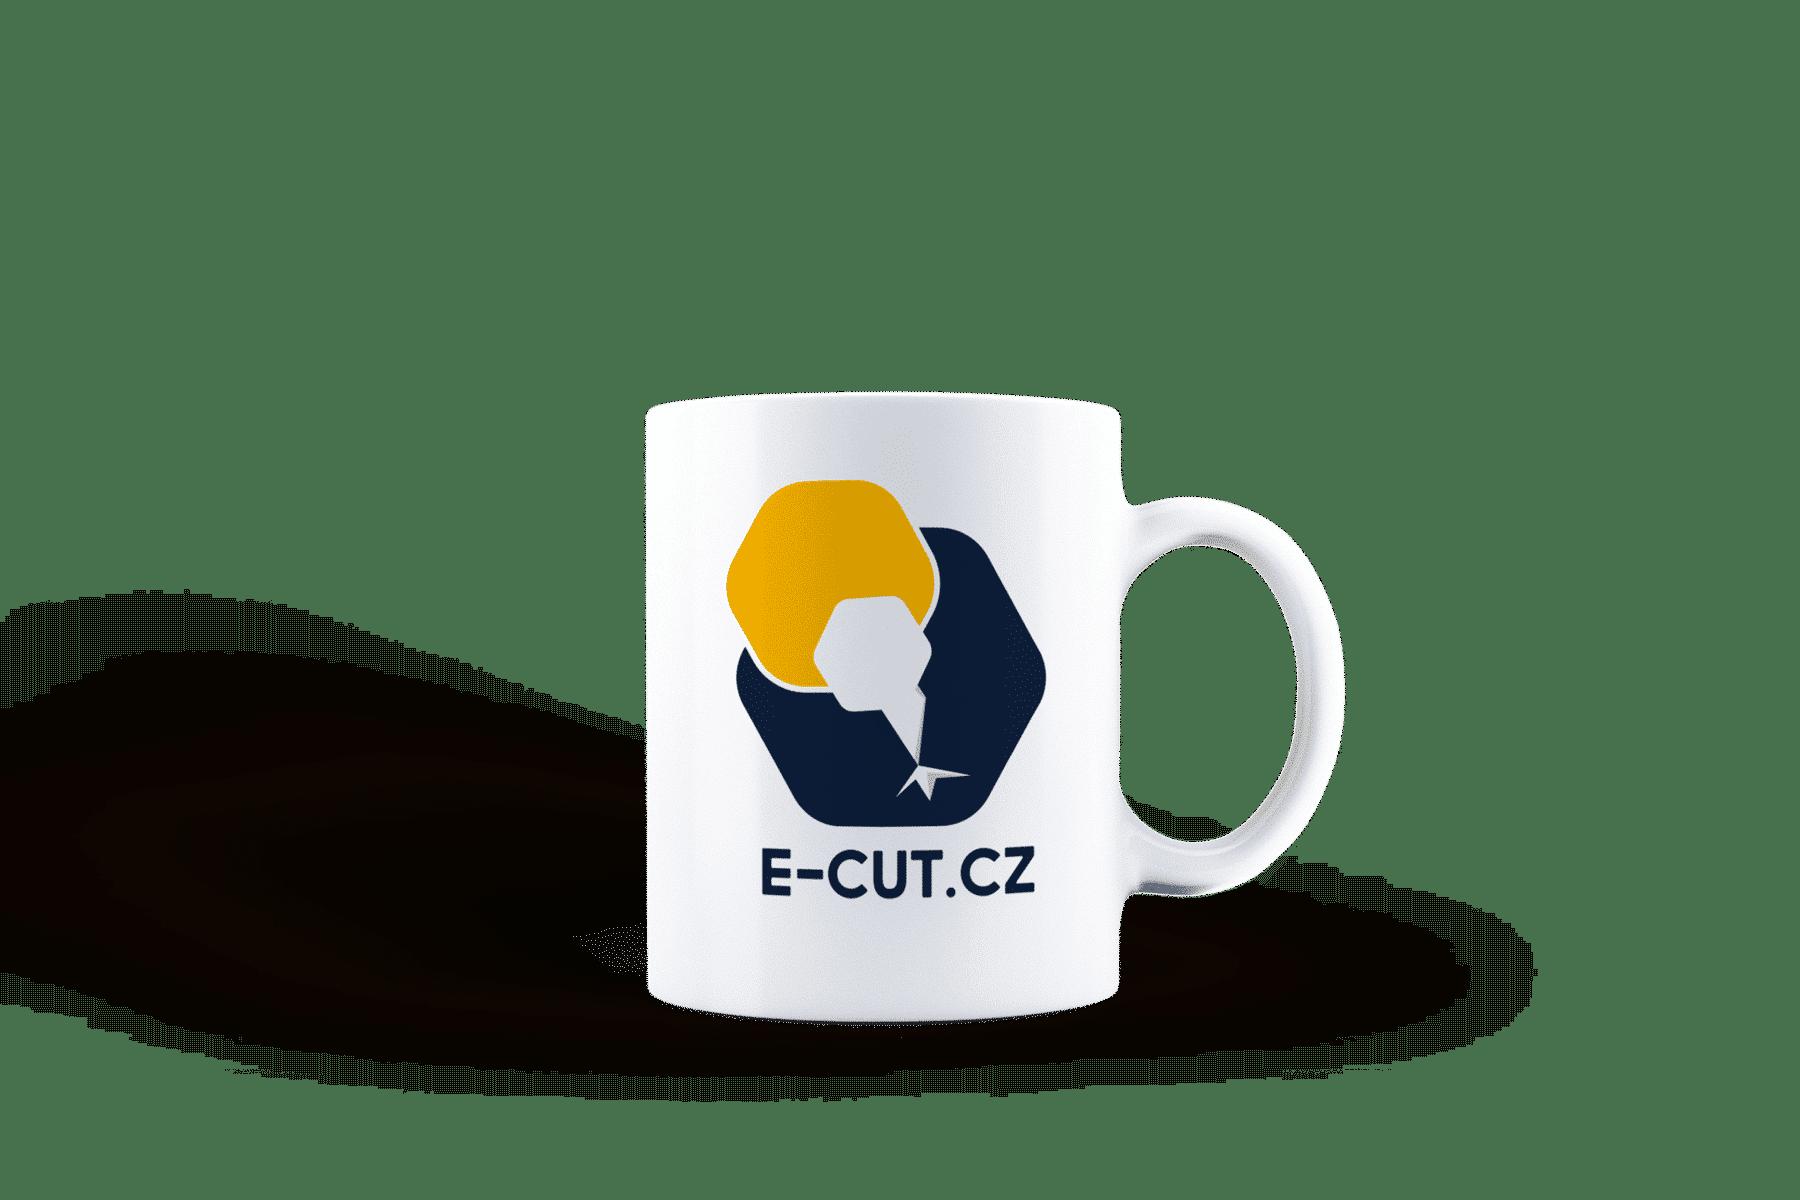 REKLAMNÍ HRNEK S POTISKEM E-CUT.CZ